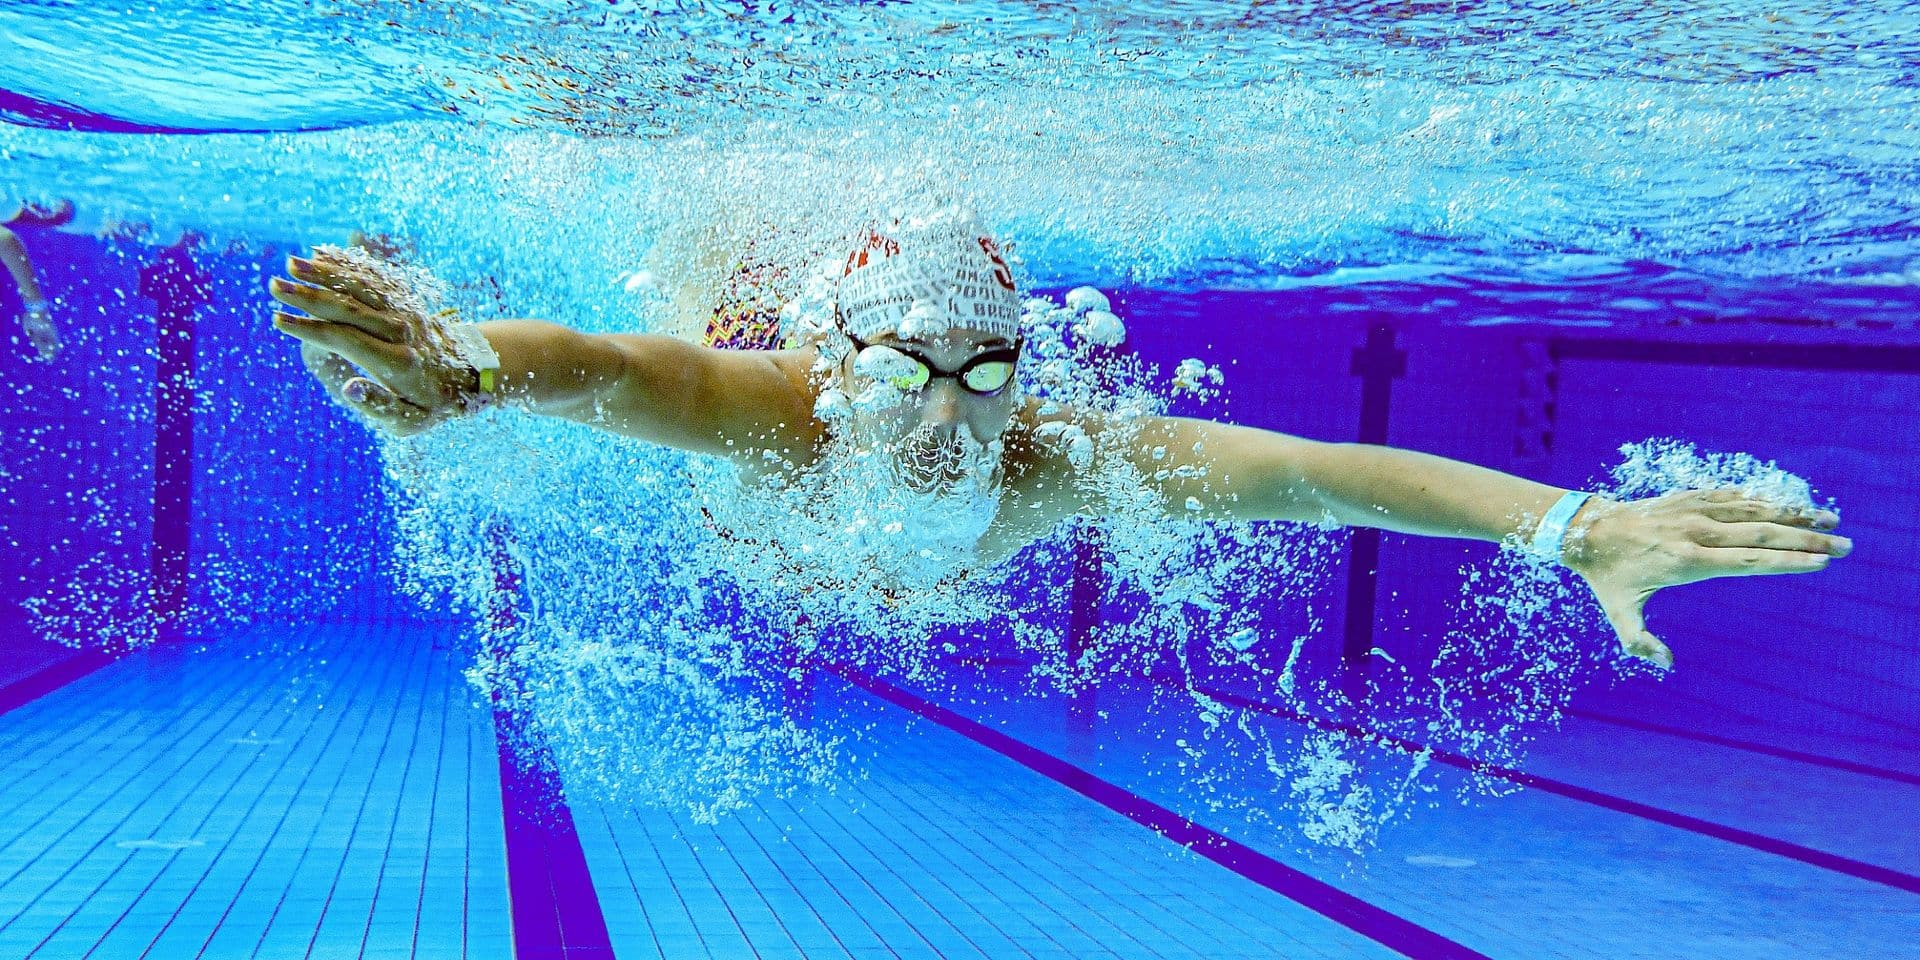 Pourquoi rouvrir les piscines et non d'autres activités sportives? Et quels sont les risques éventuels d'y être infecté par le Covid-19?